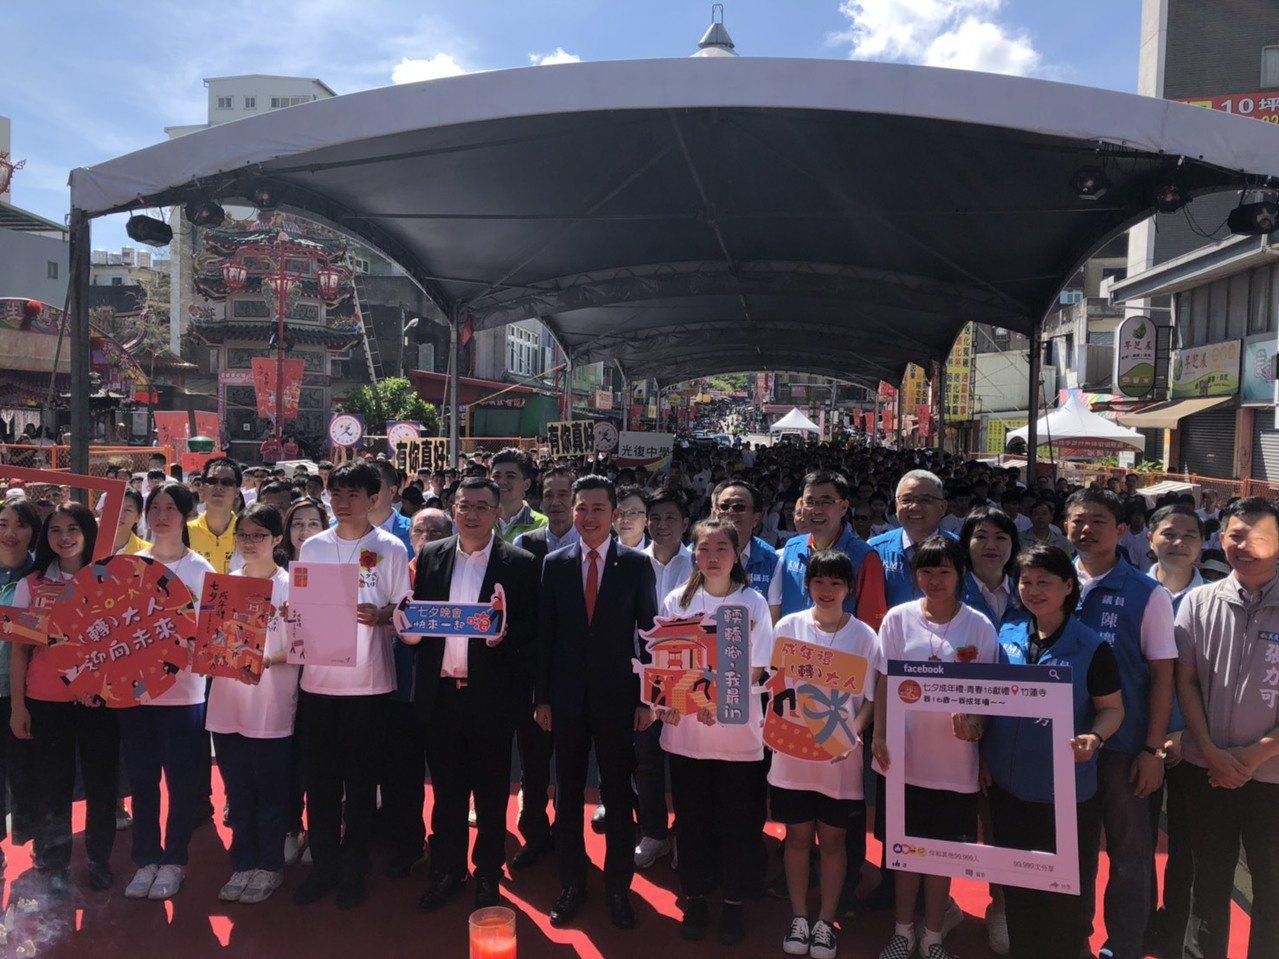 風城百年名剎竹蓮寺今年曾舉辦七夕成年禮活動。聯合報記者王駿杰/攝影